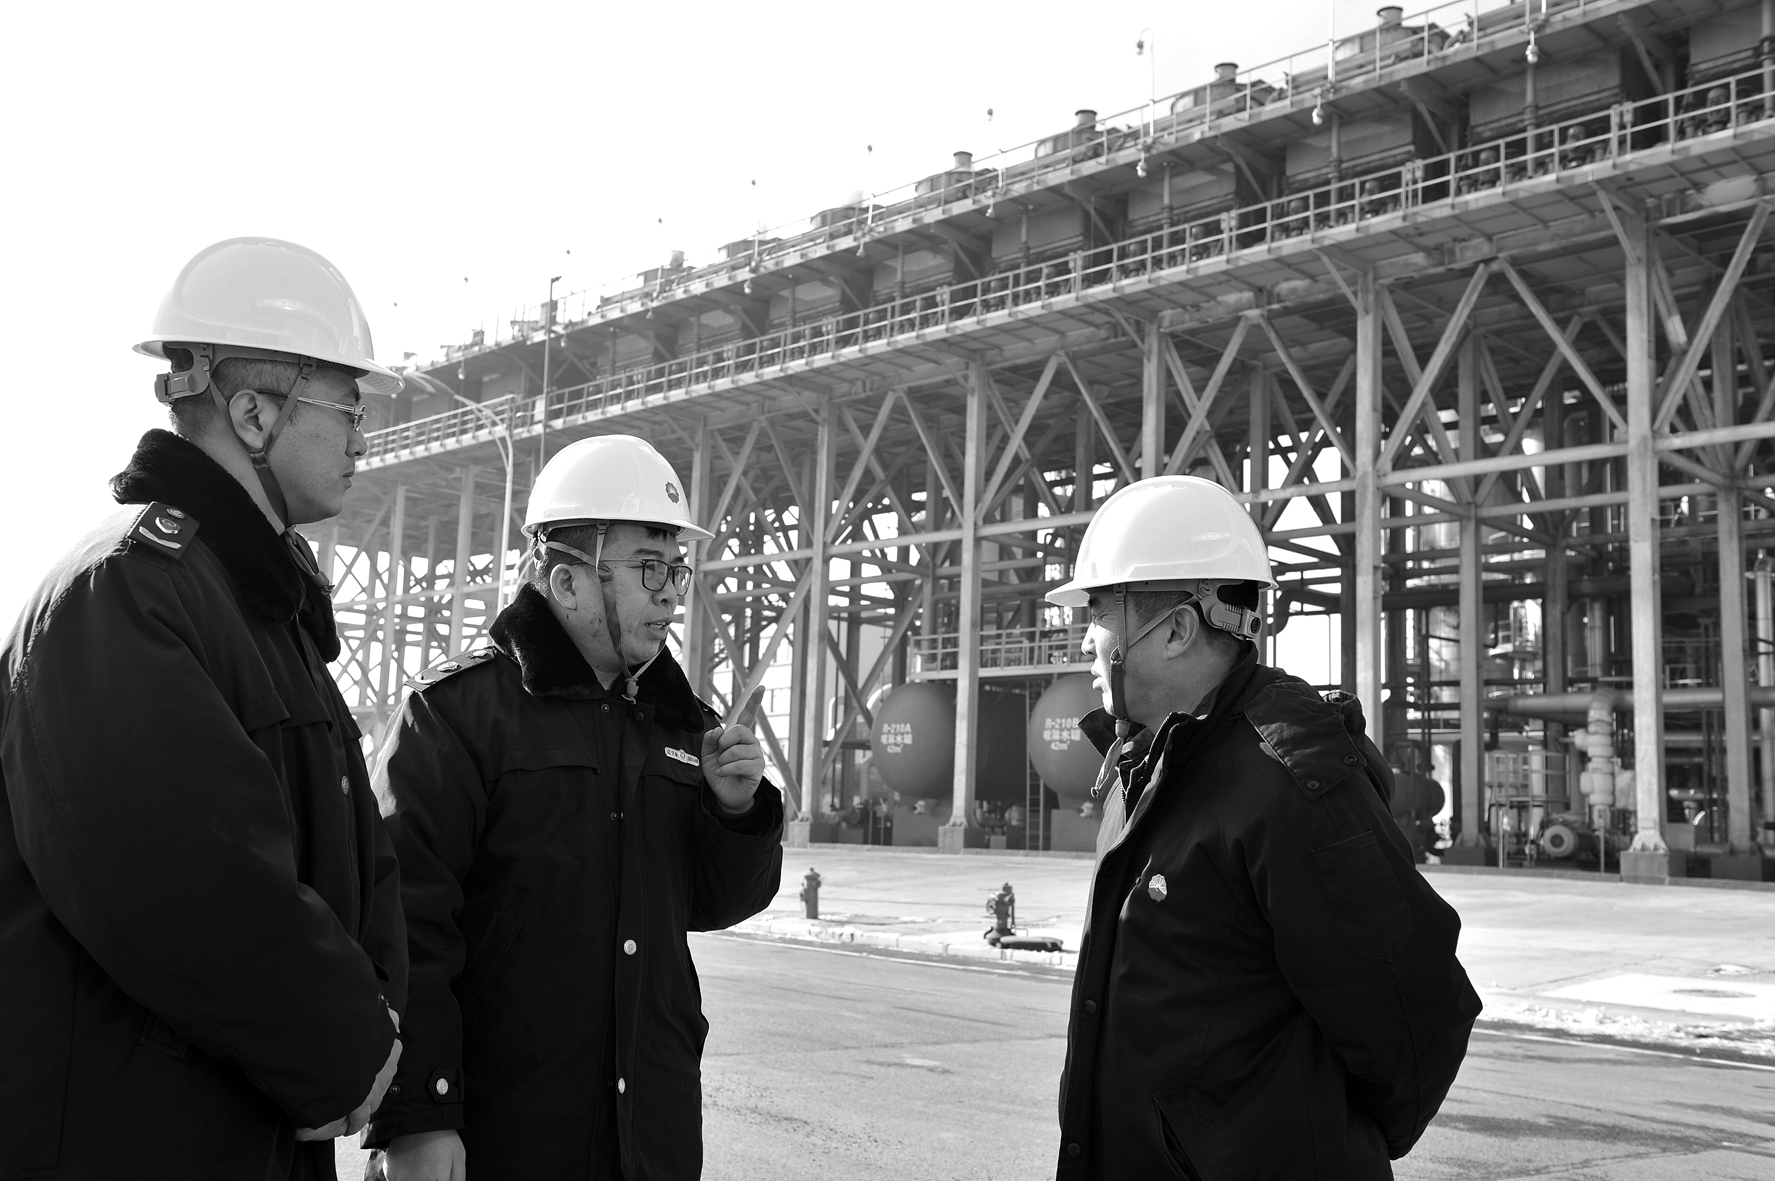 辽宁省锦州市市场监管局对全市20